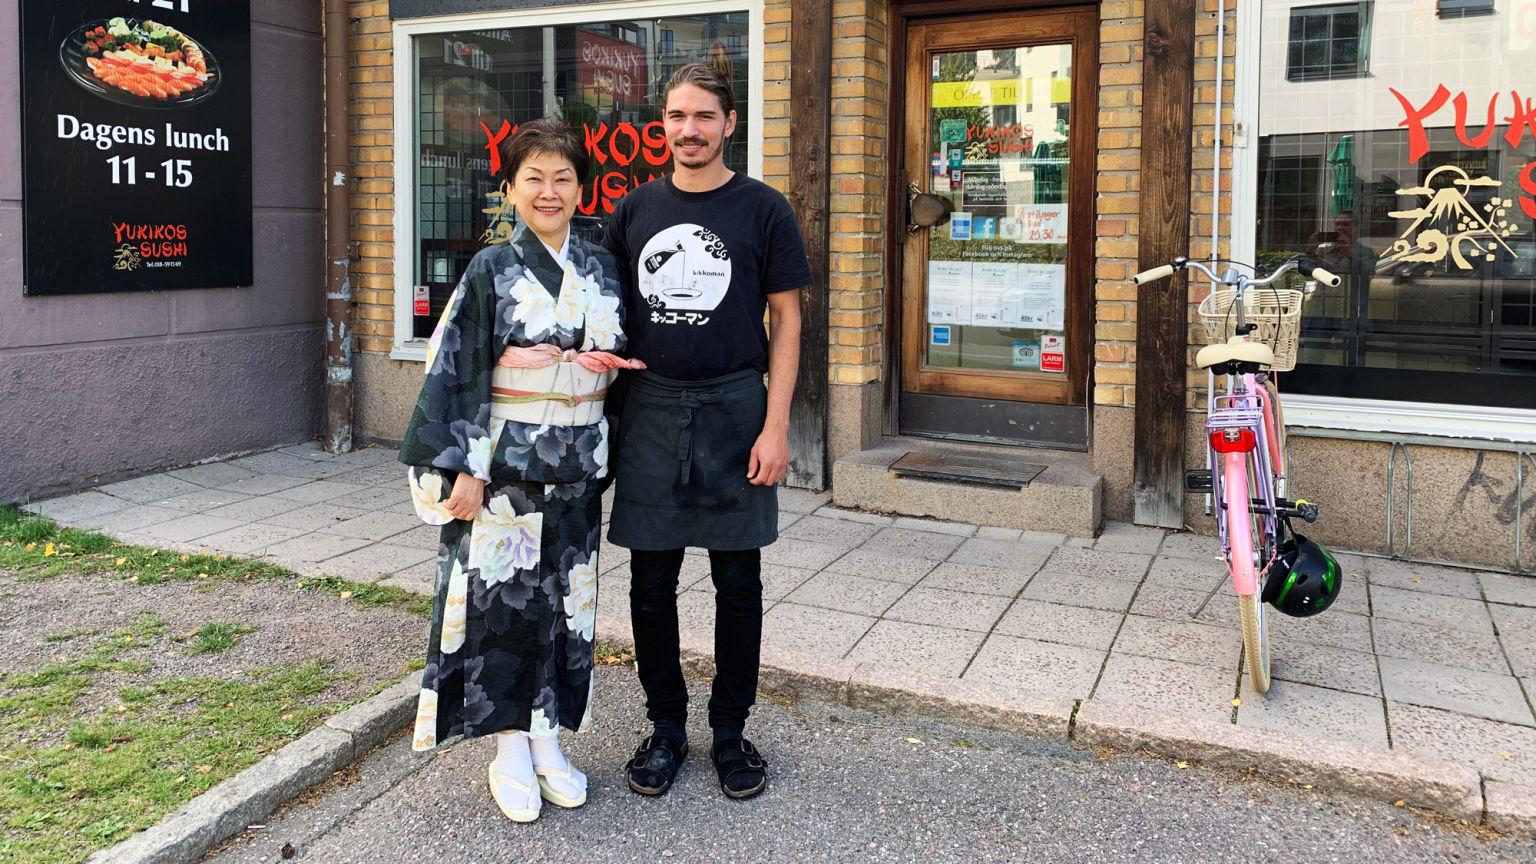 Yukiko Willebrand med kollega utanför restaurangen i Uppsala